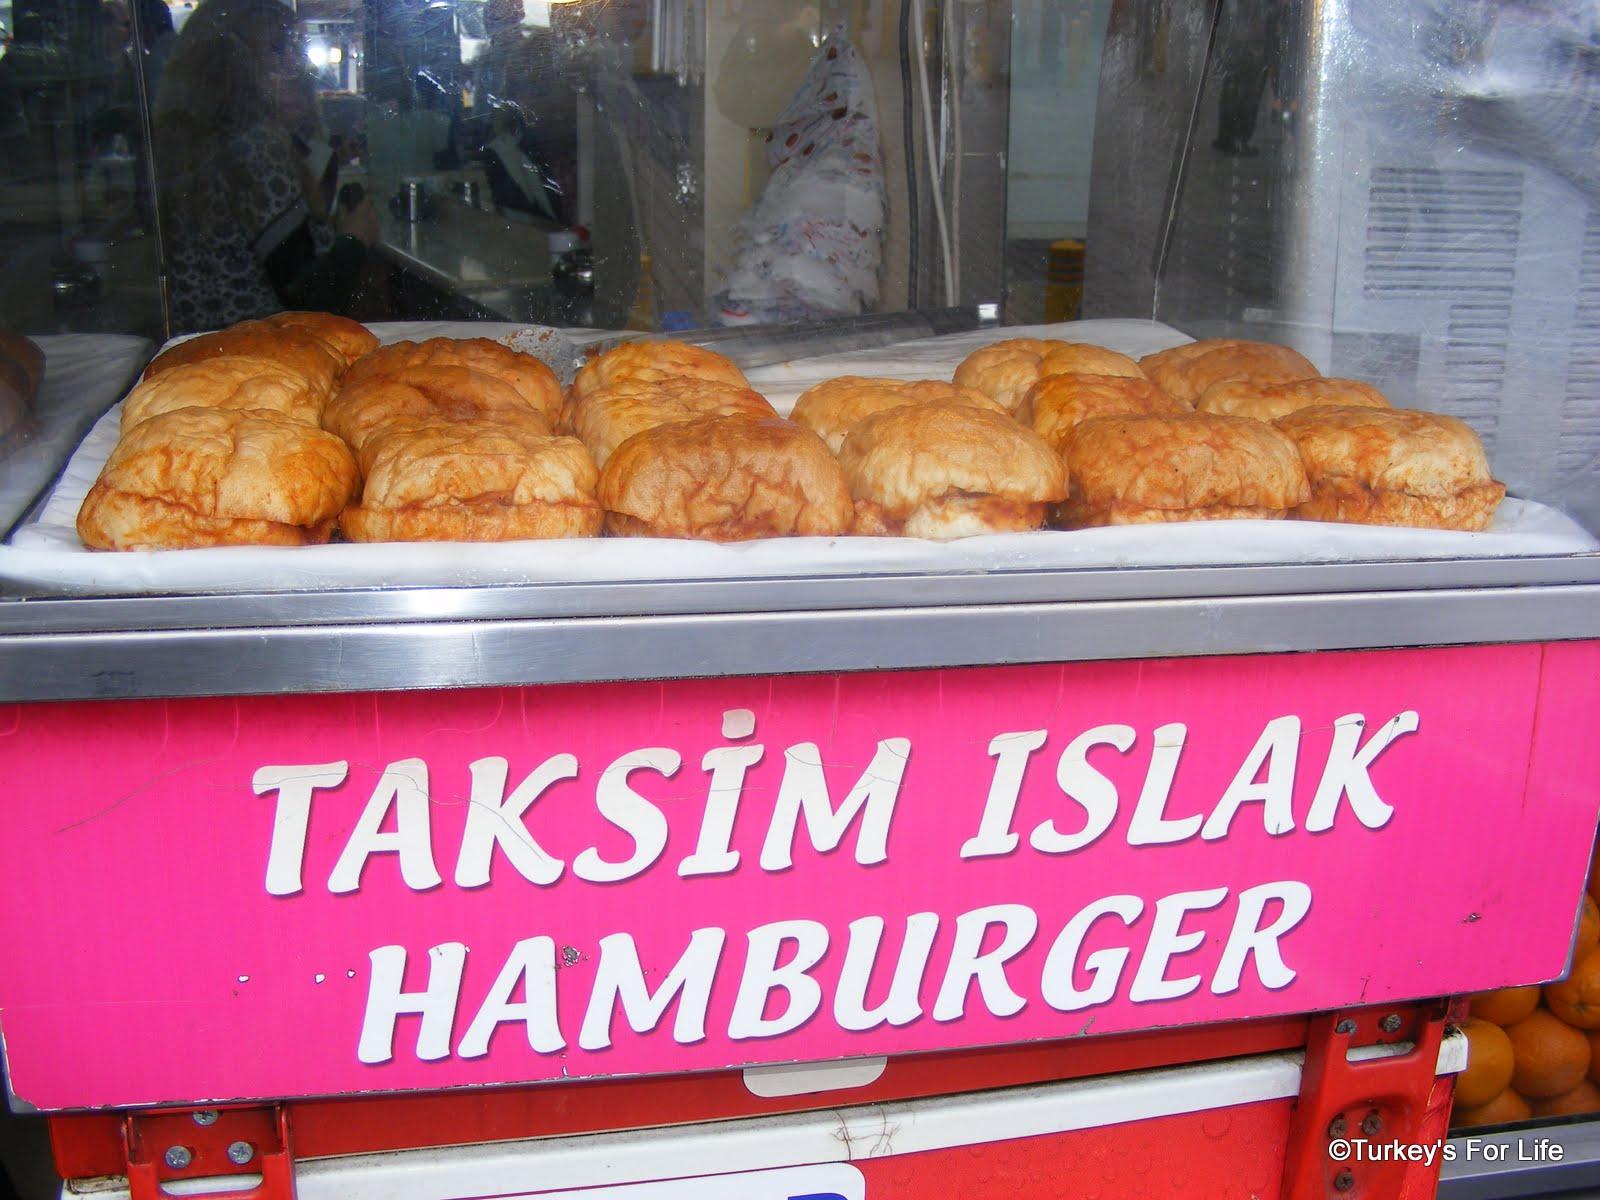 Taksim Islak Burger